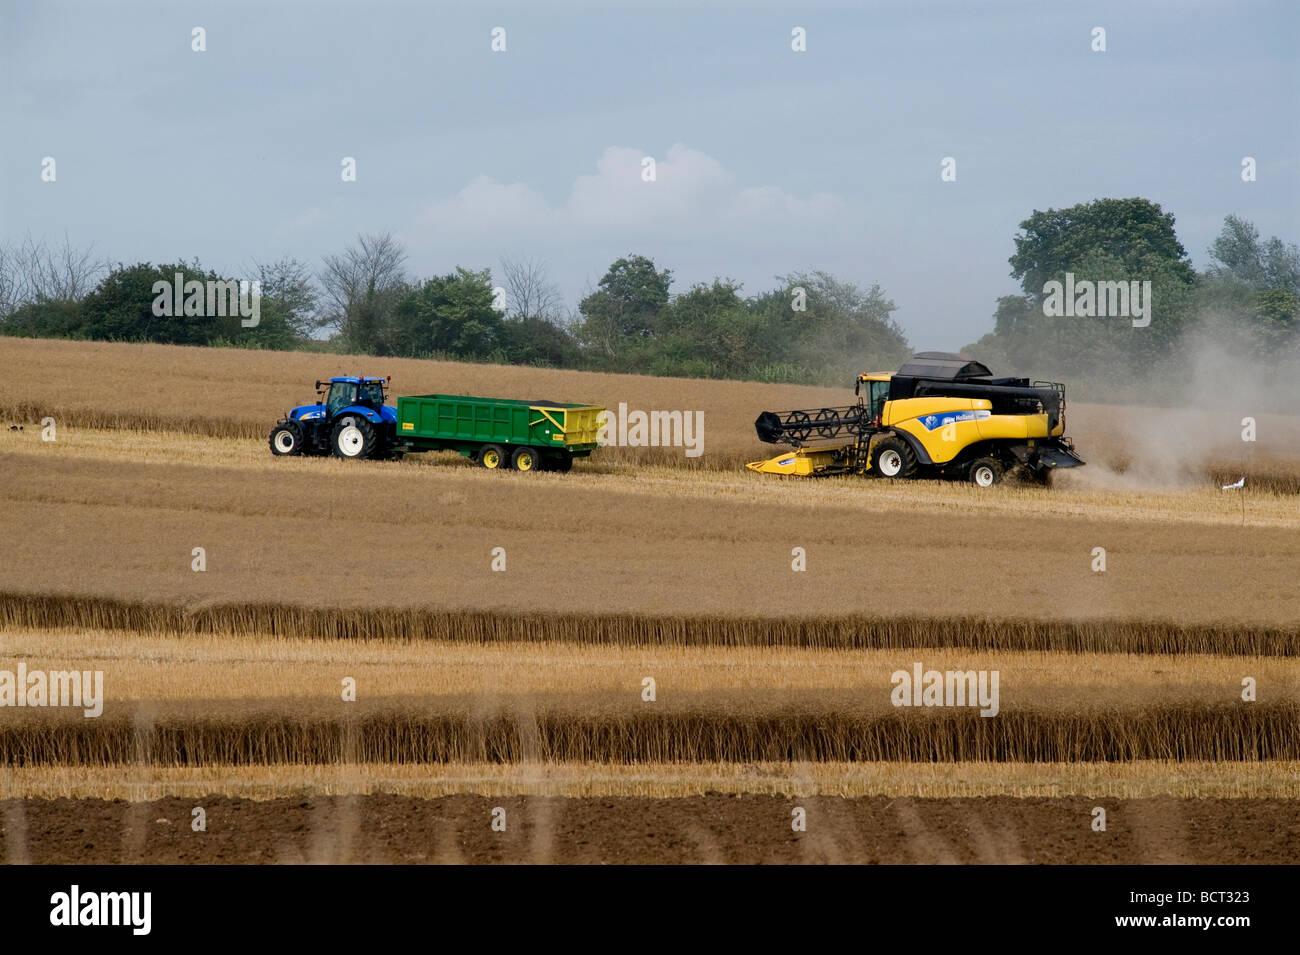 Agriturismo il Contadino Agricoltura Agricoltura Orzo Suffolk Bretagna Harvest mietitrebbia New Holland Immagini Stock